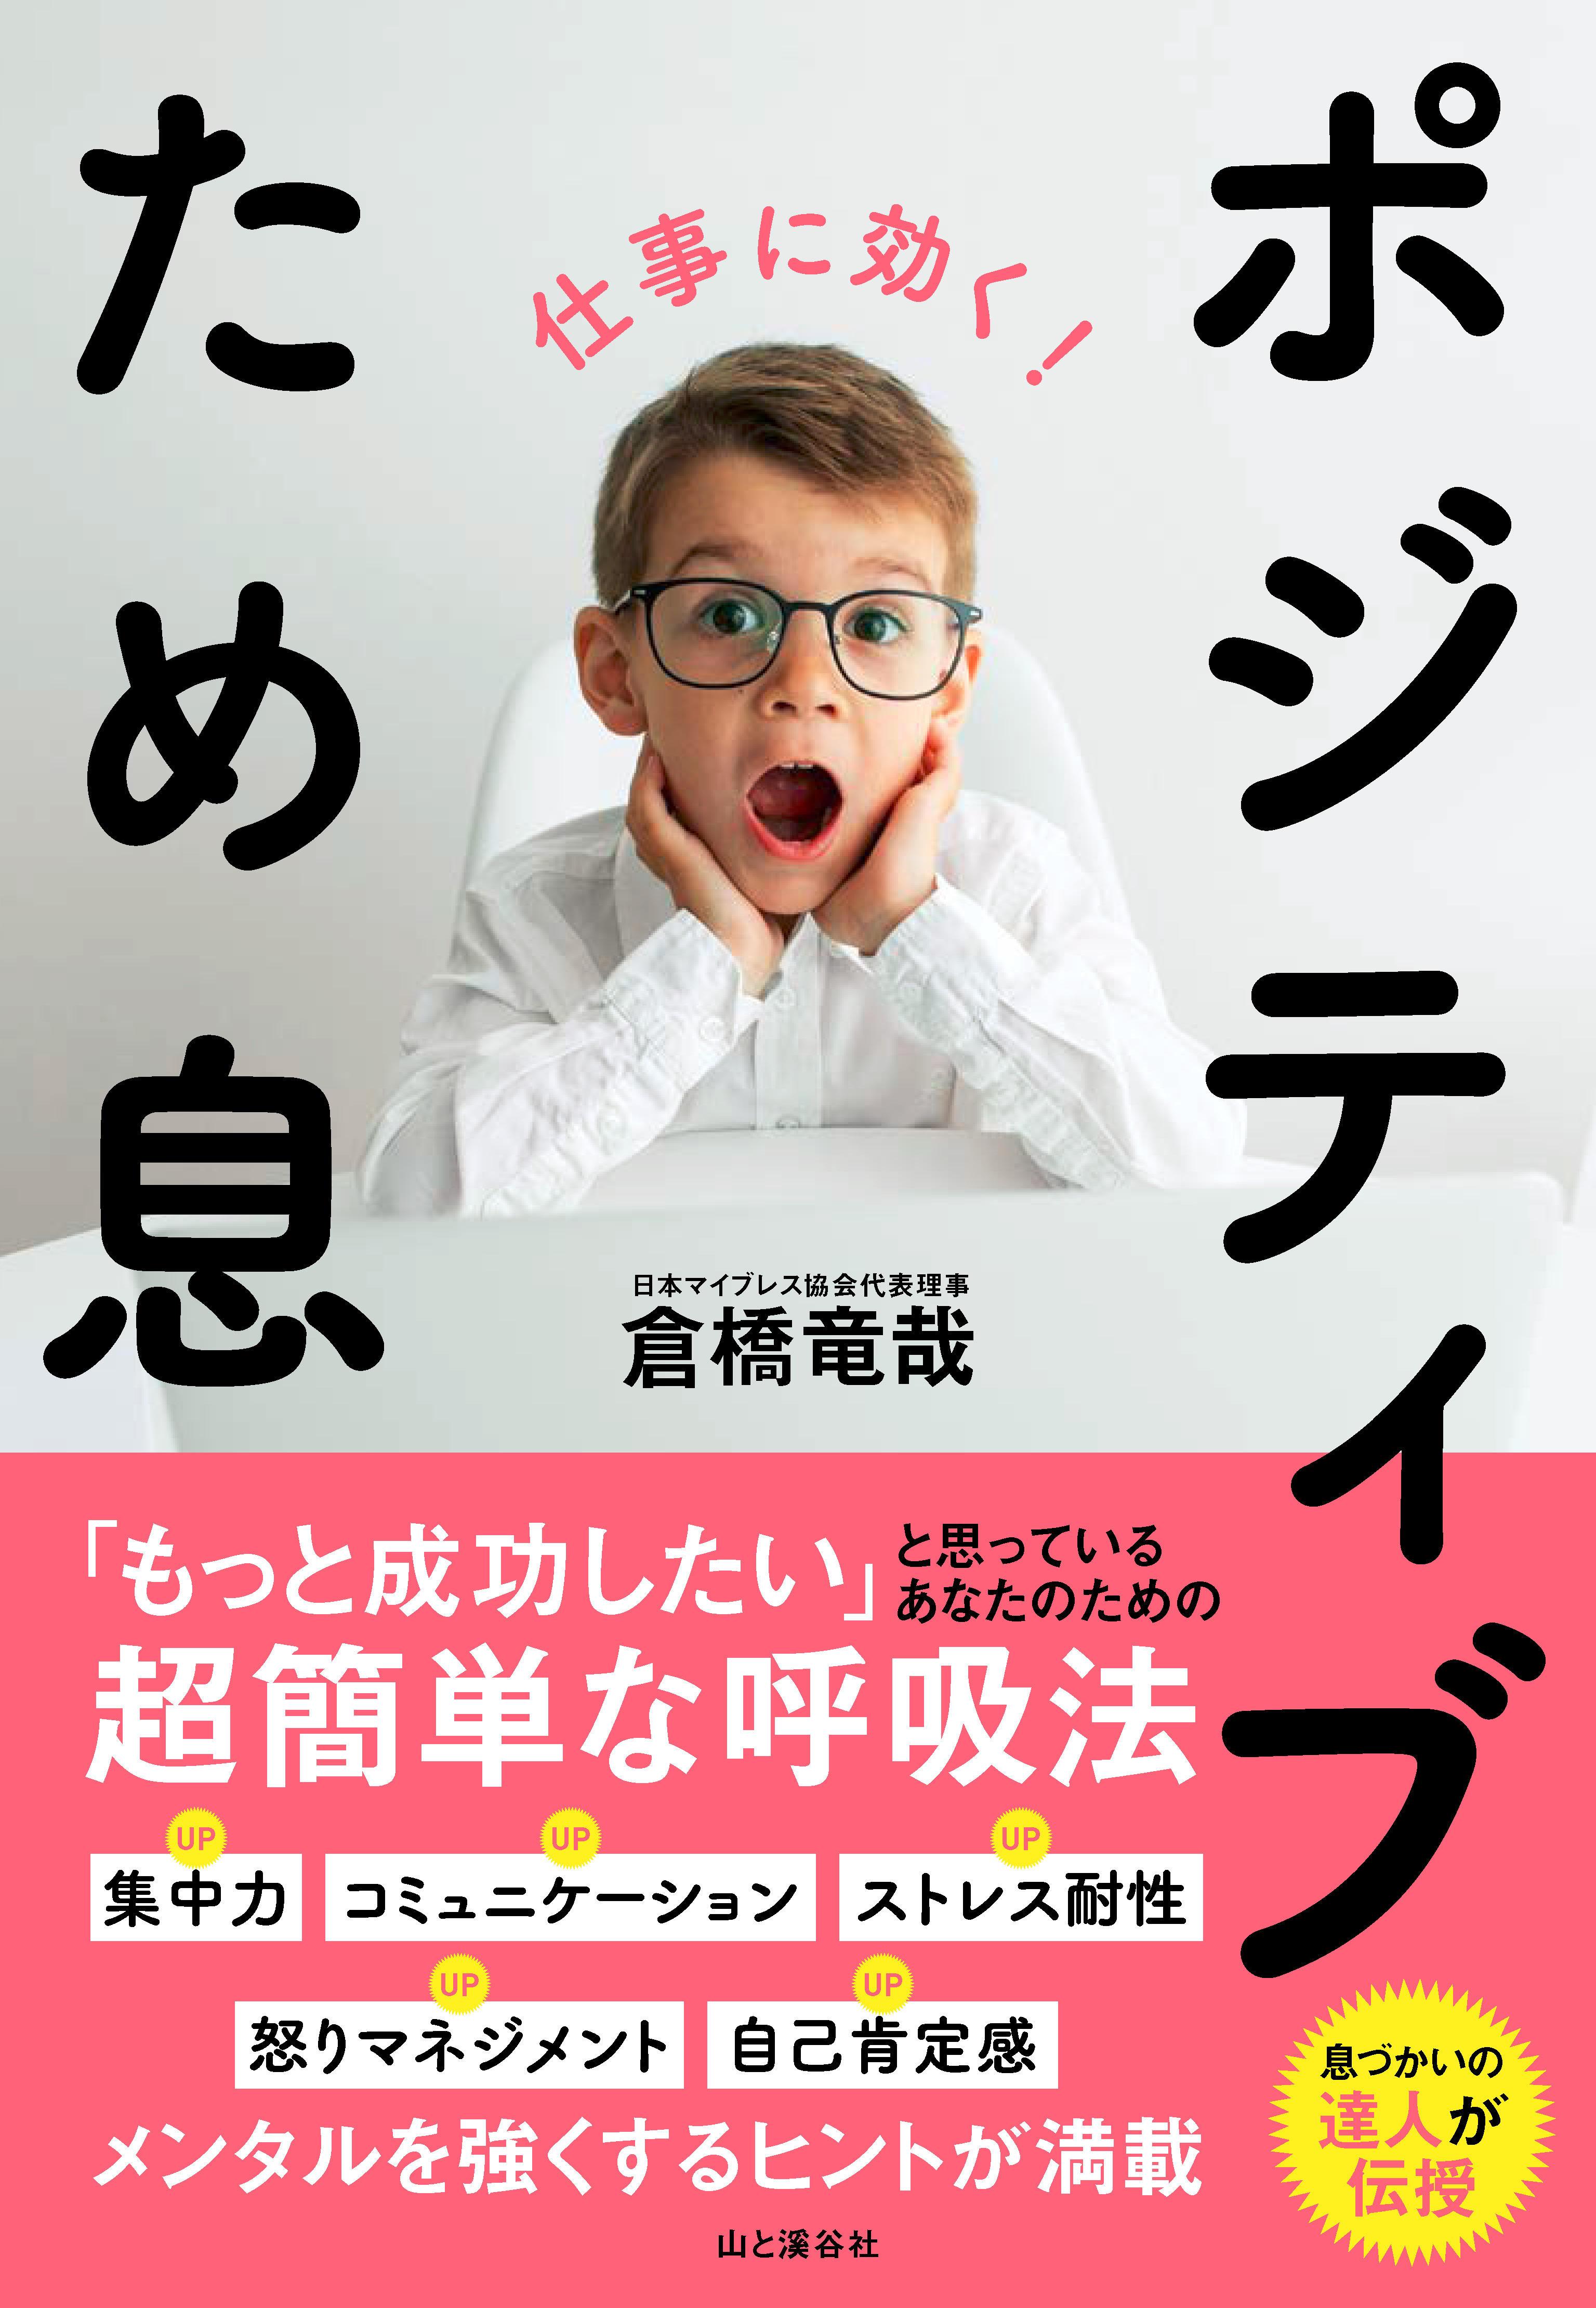 ポジティブため息カバー.jpg